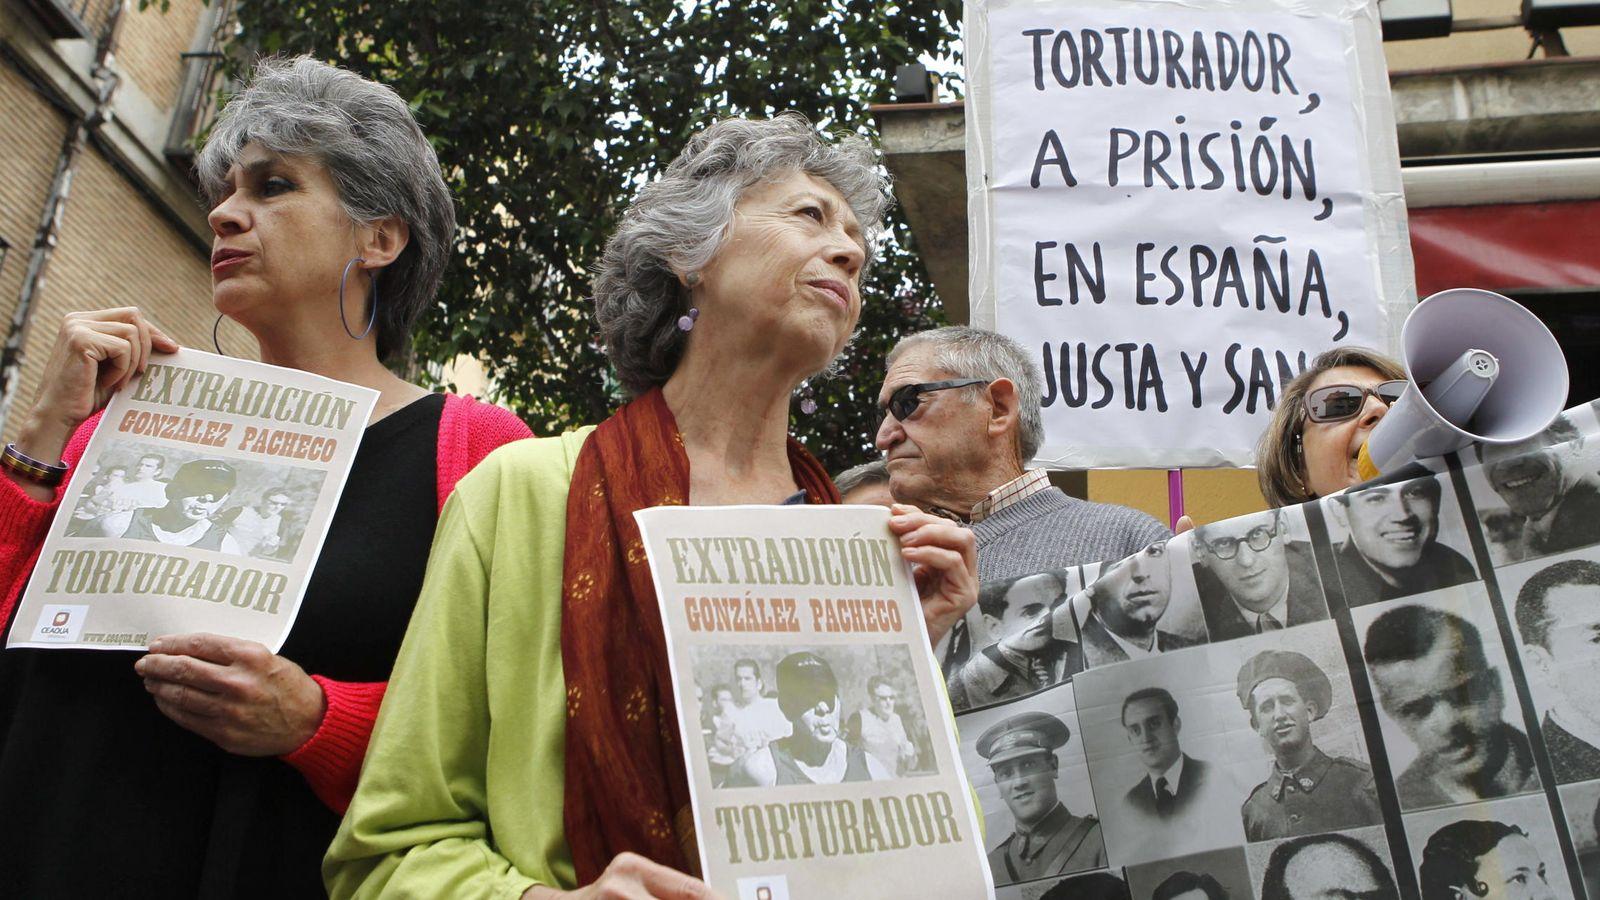 Foto: Victimas del franquismo durante una manifestación para solicitar la extradición de González Pacheco a Argentina | EFE